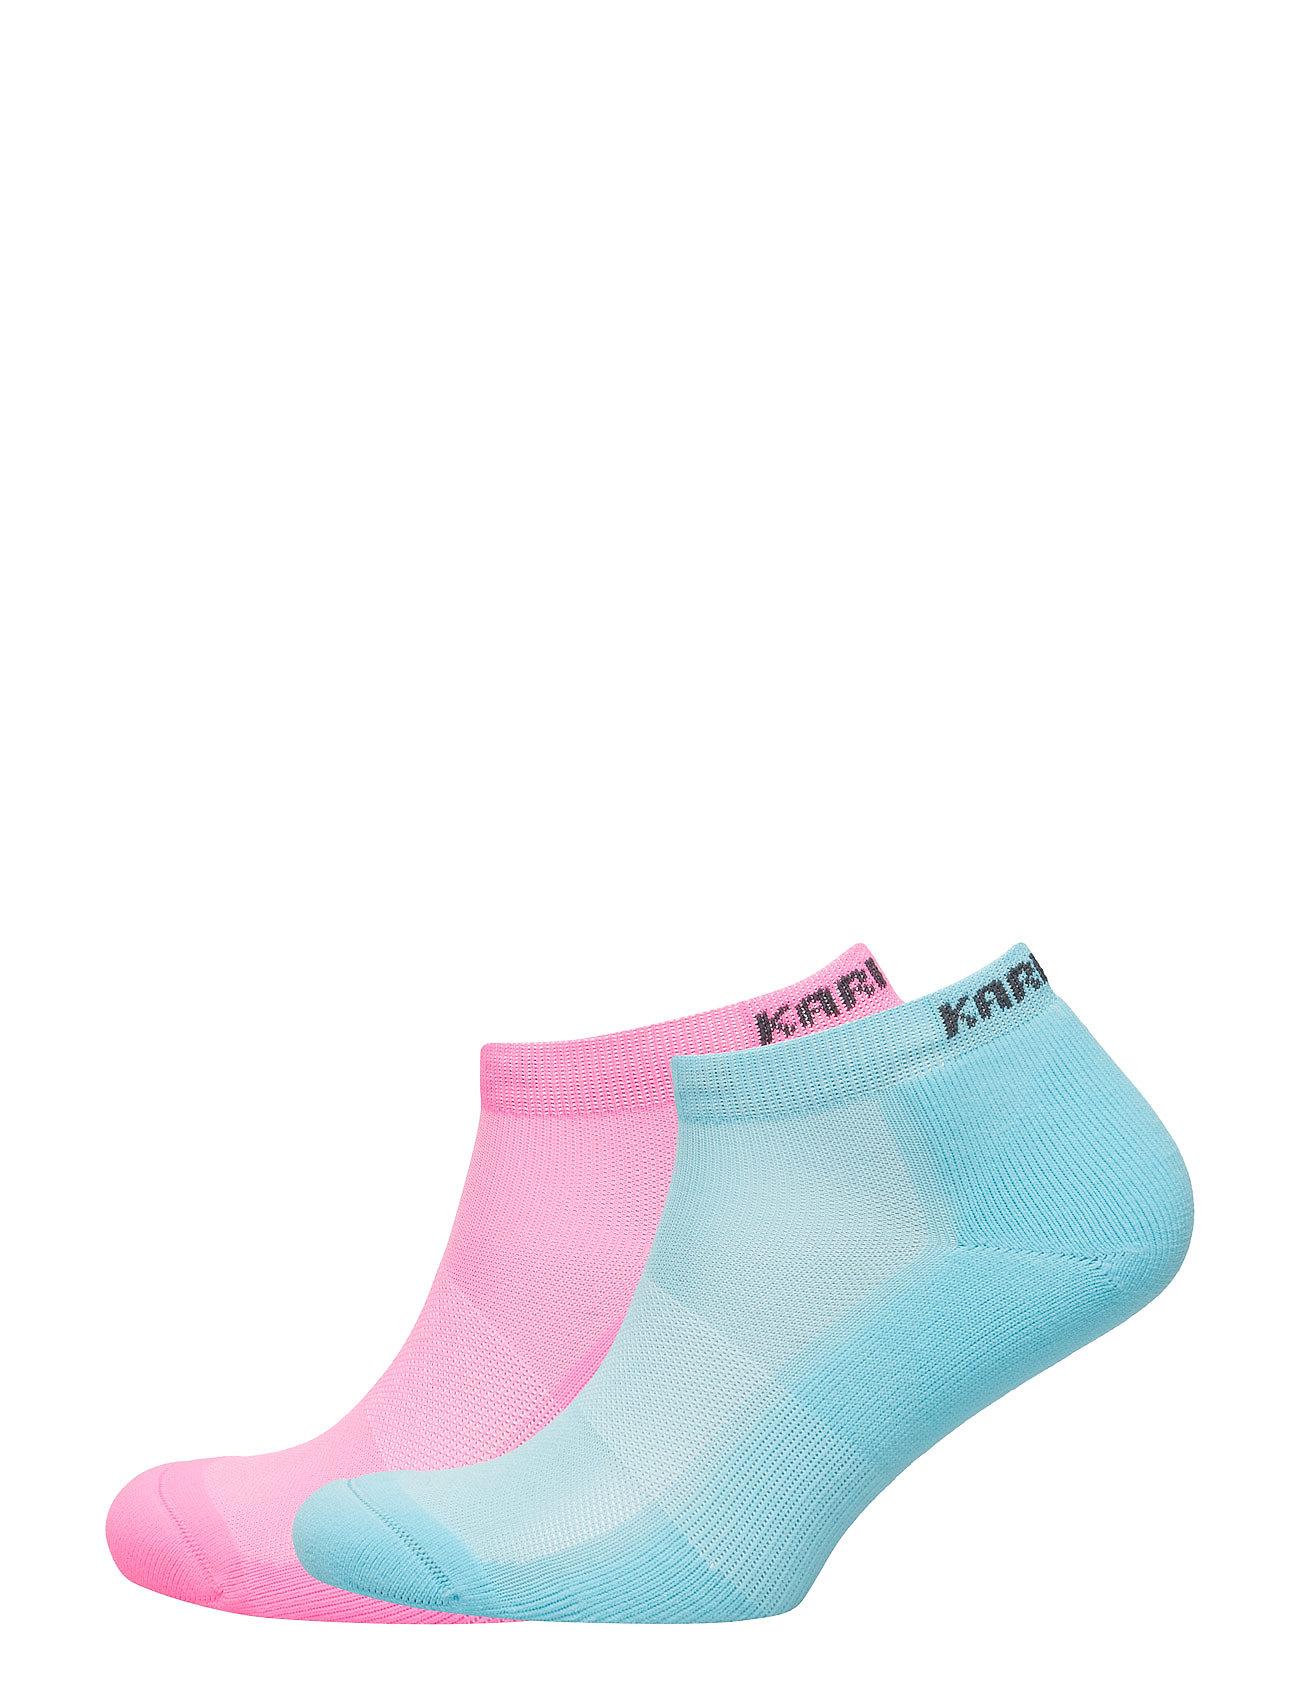 Skare Sock 2pk Kari Traa Sports undertøj til Damer i